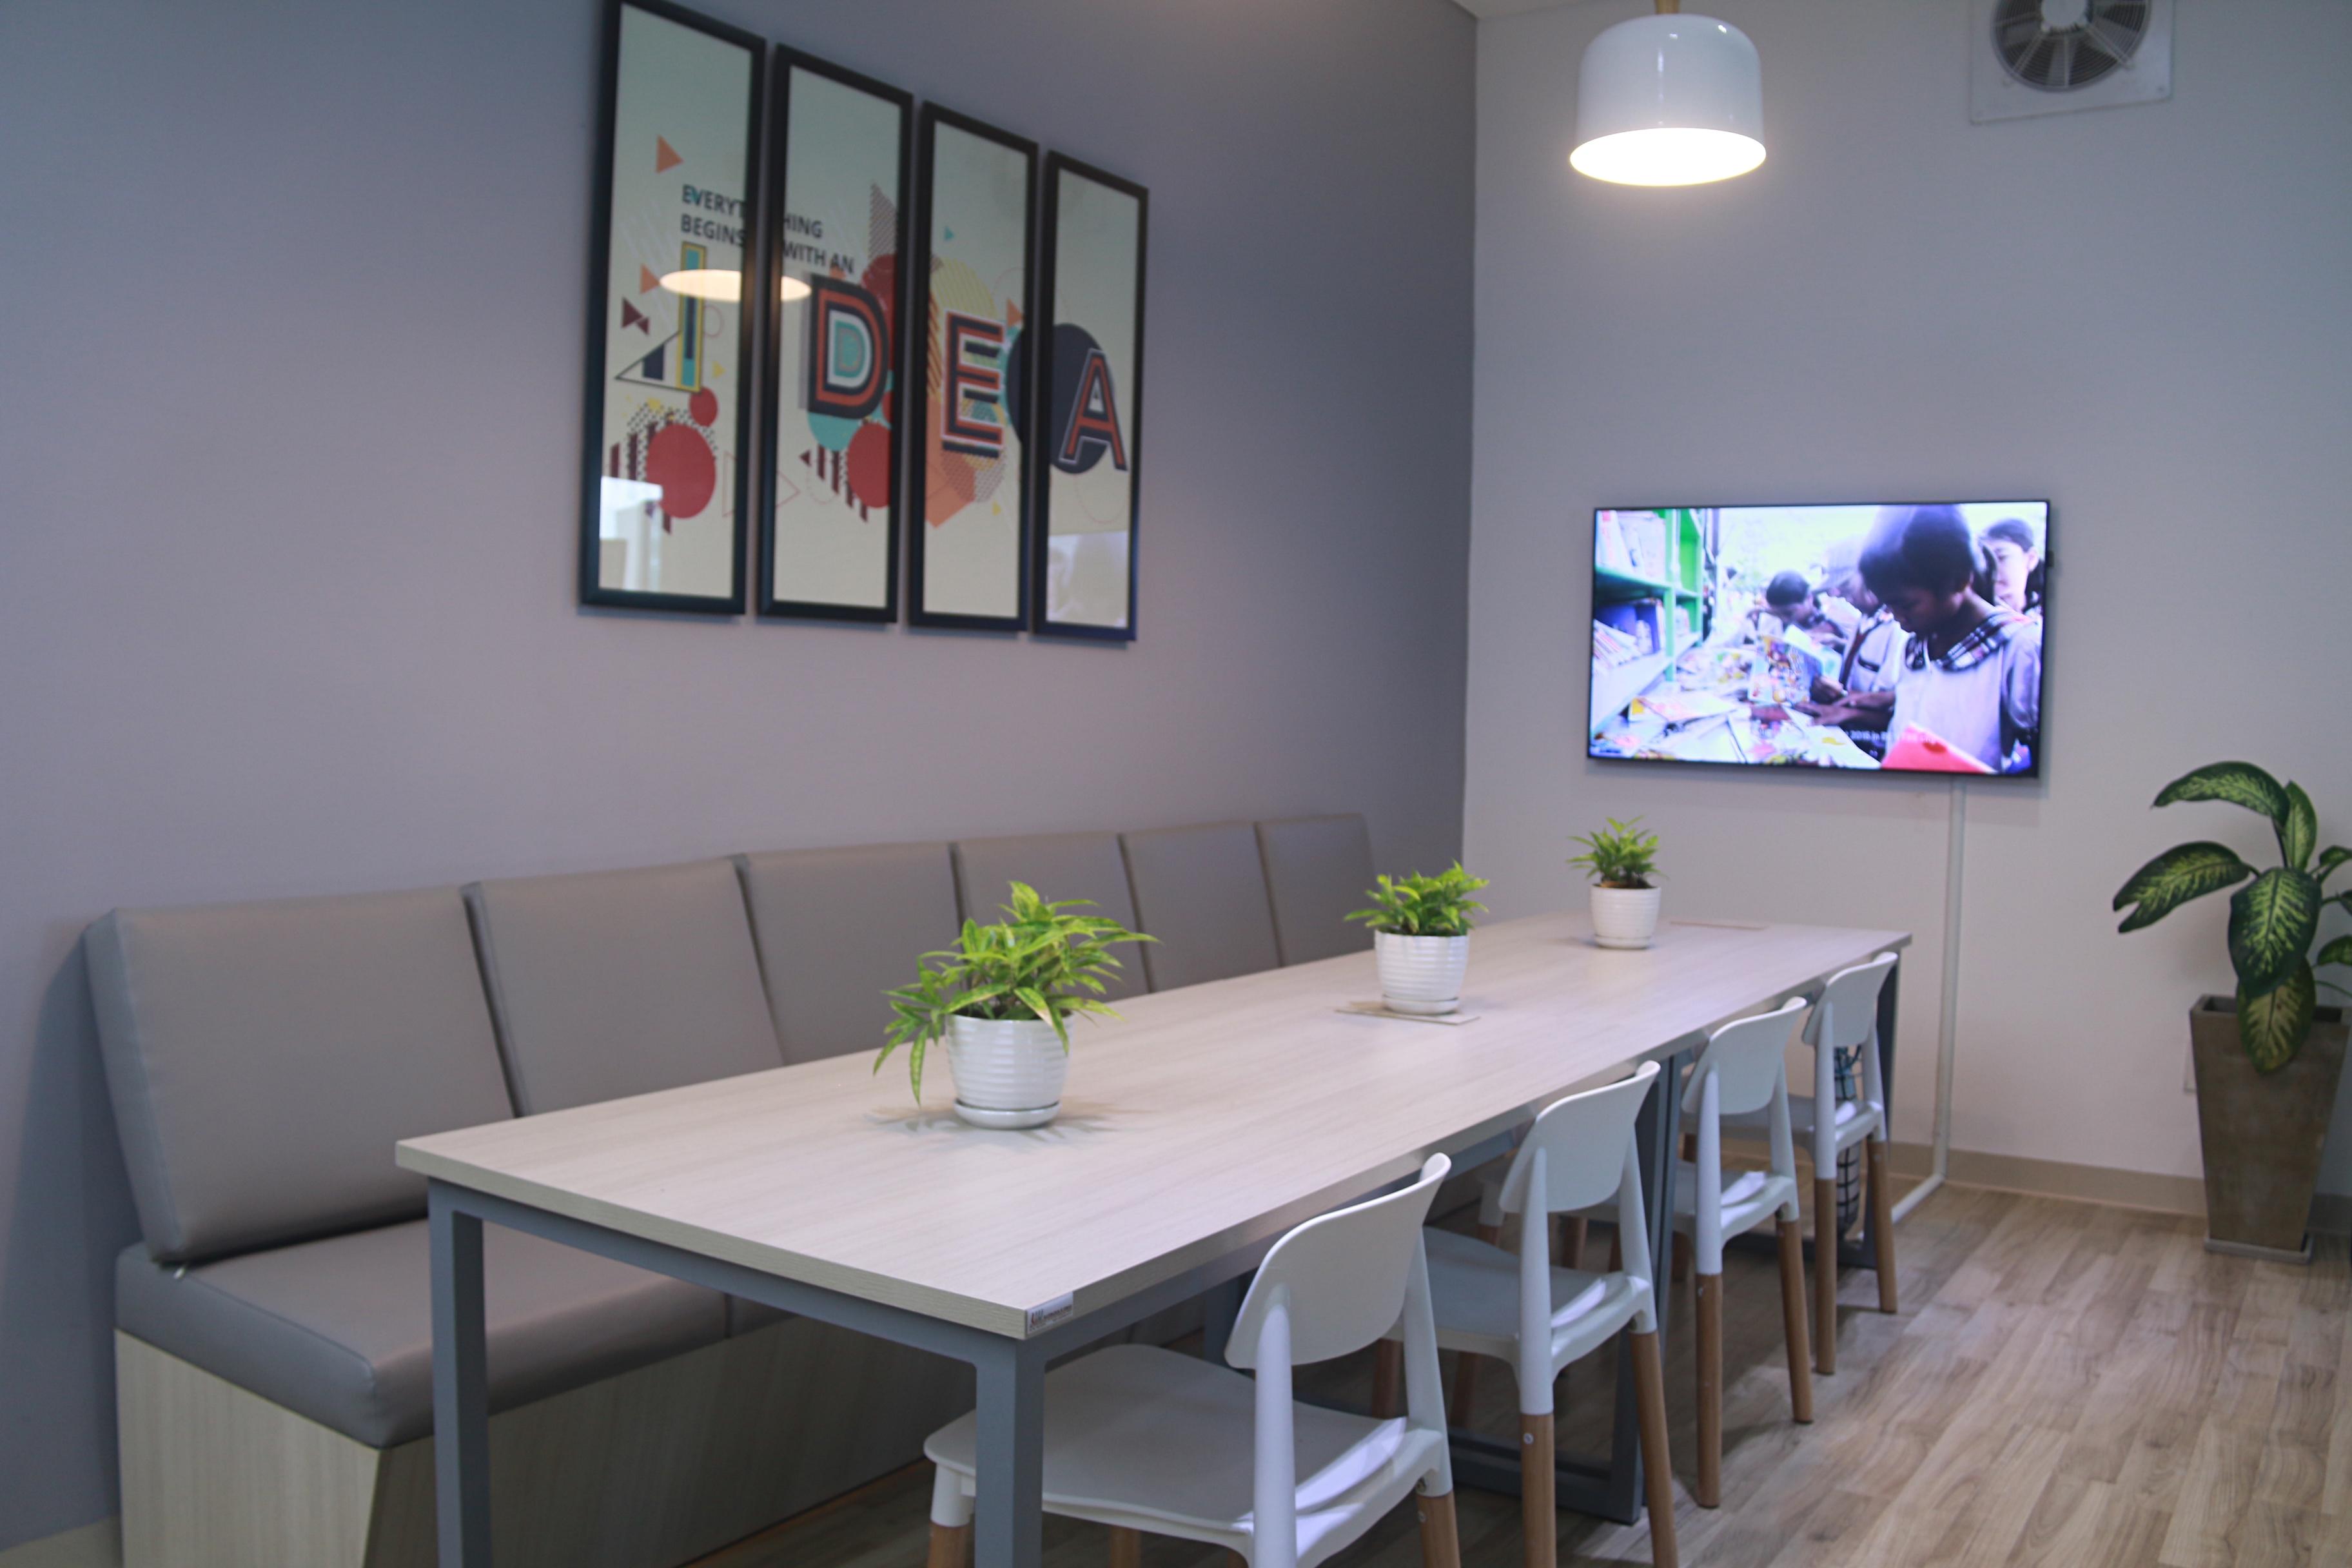 S.hub - không gian chia sẻ tri thức cực hot dành cho giới trẻ Đà Nẵng - Ảnh 8.